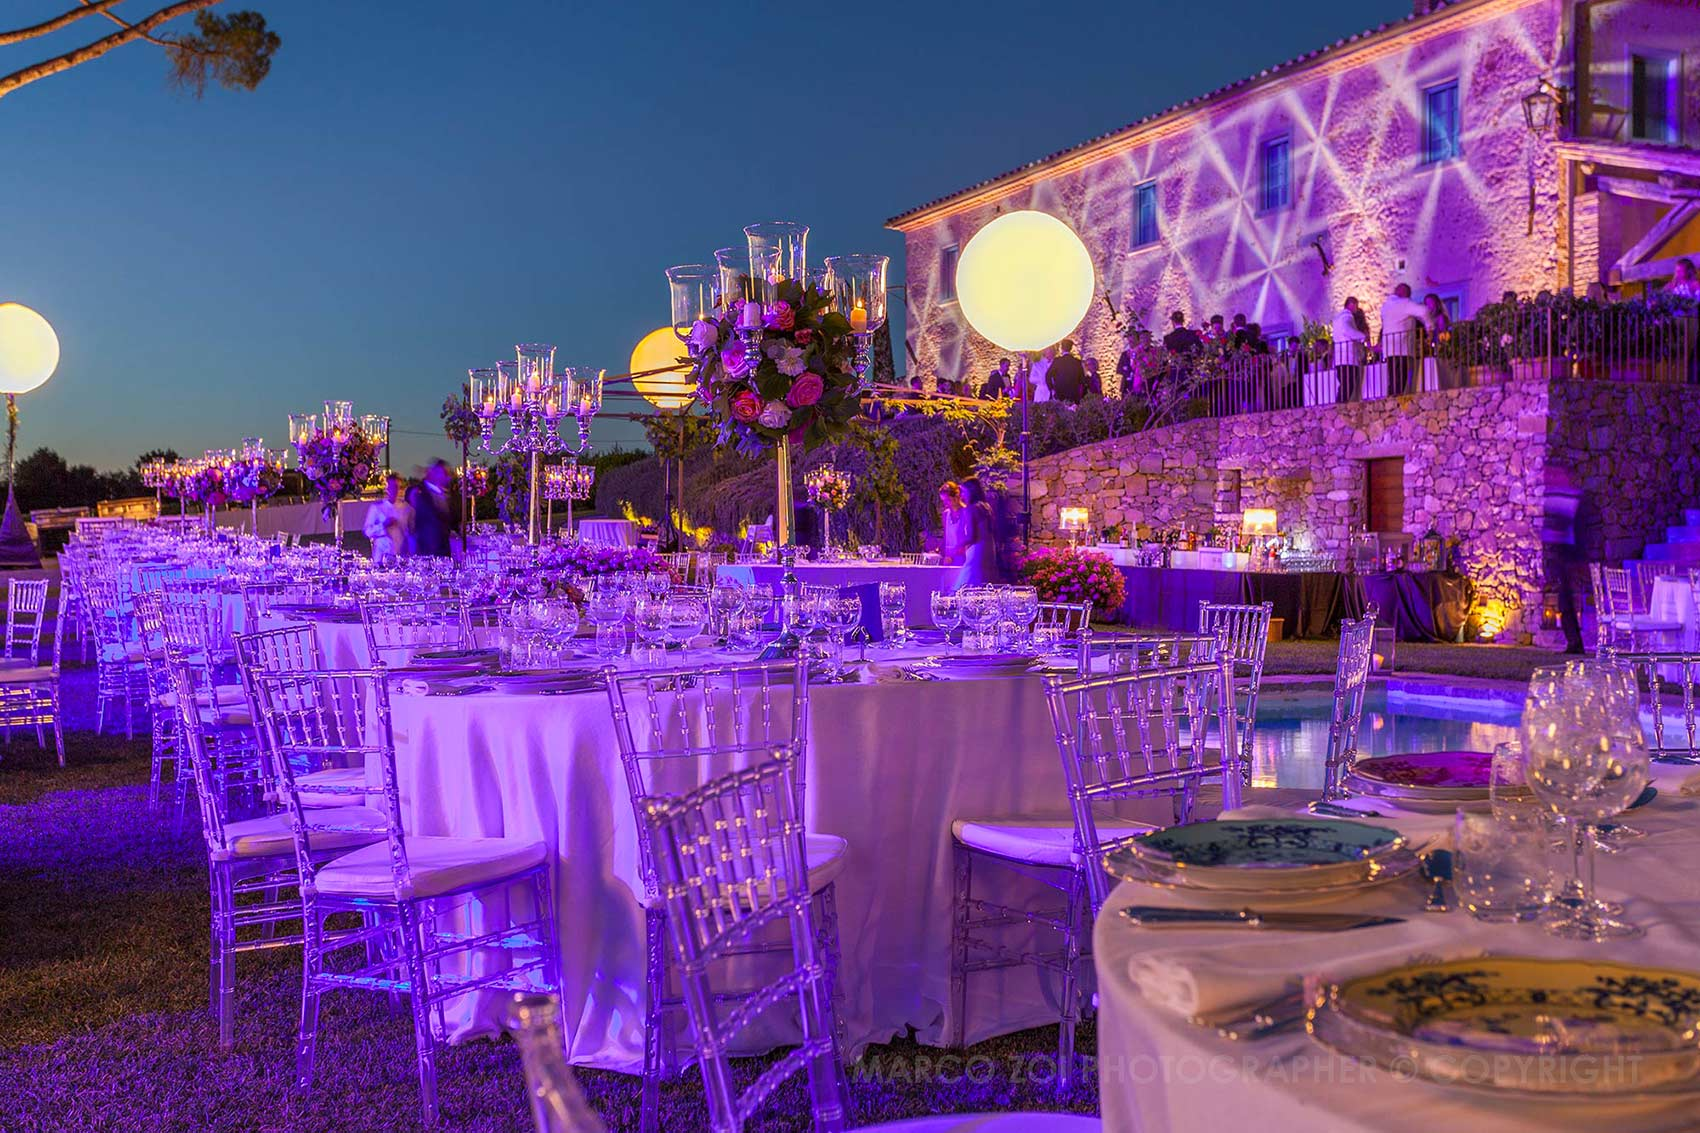 Impianti illuminazione esterni per matrimoni ed eventi service